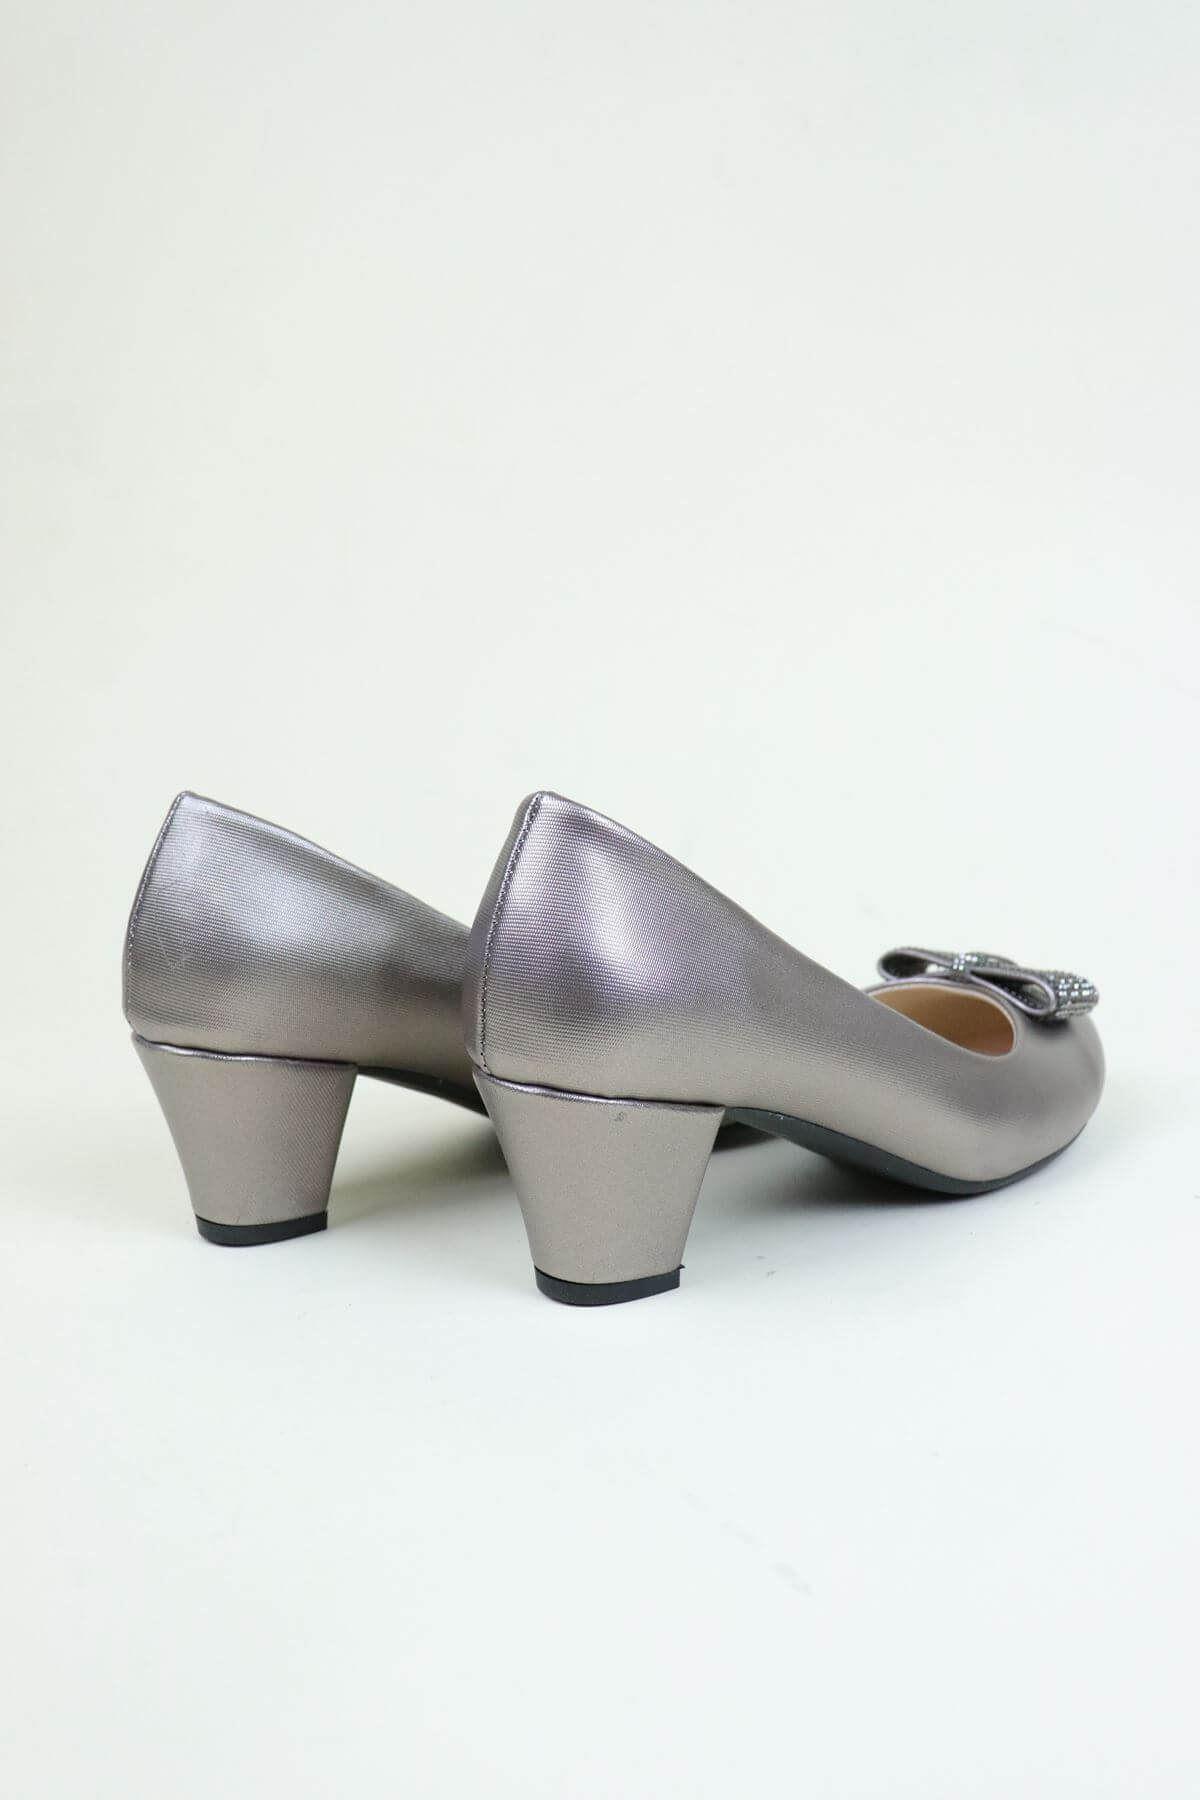 Trend Ayakkabı 0137 Platin Taşlı Kadın Ayakkabı